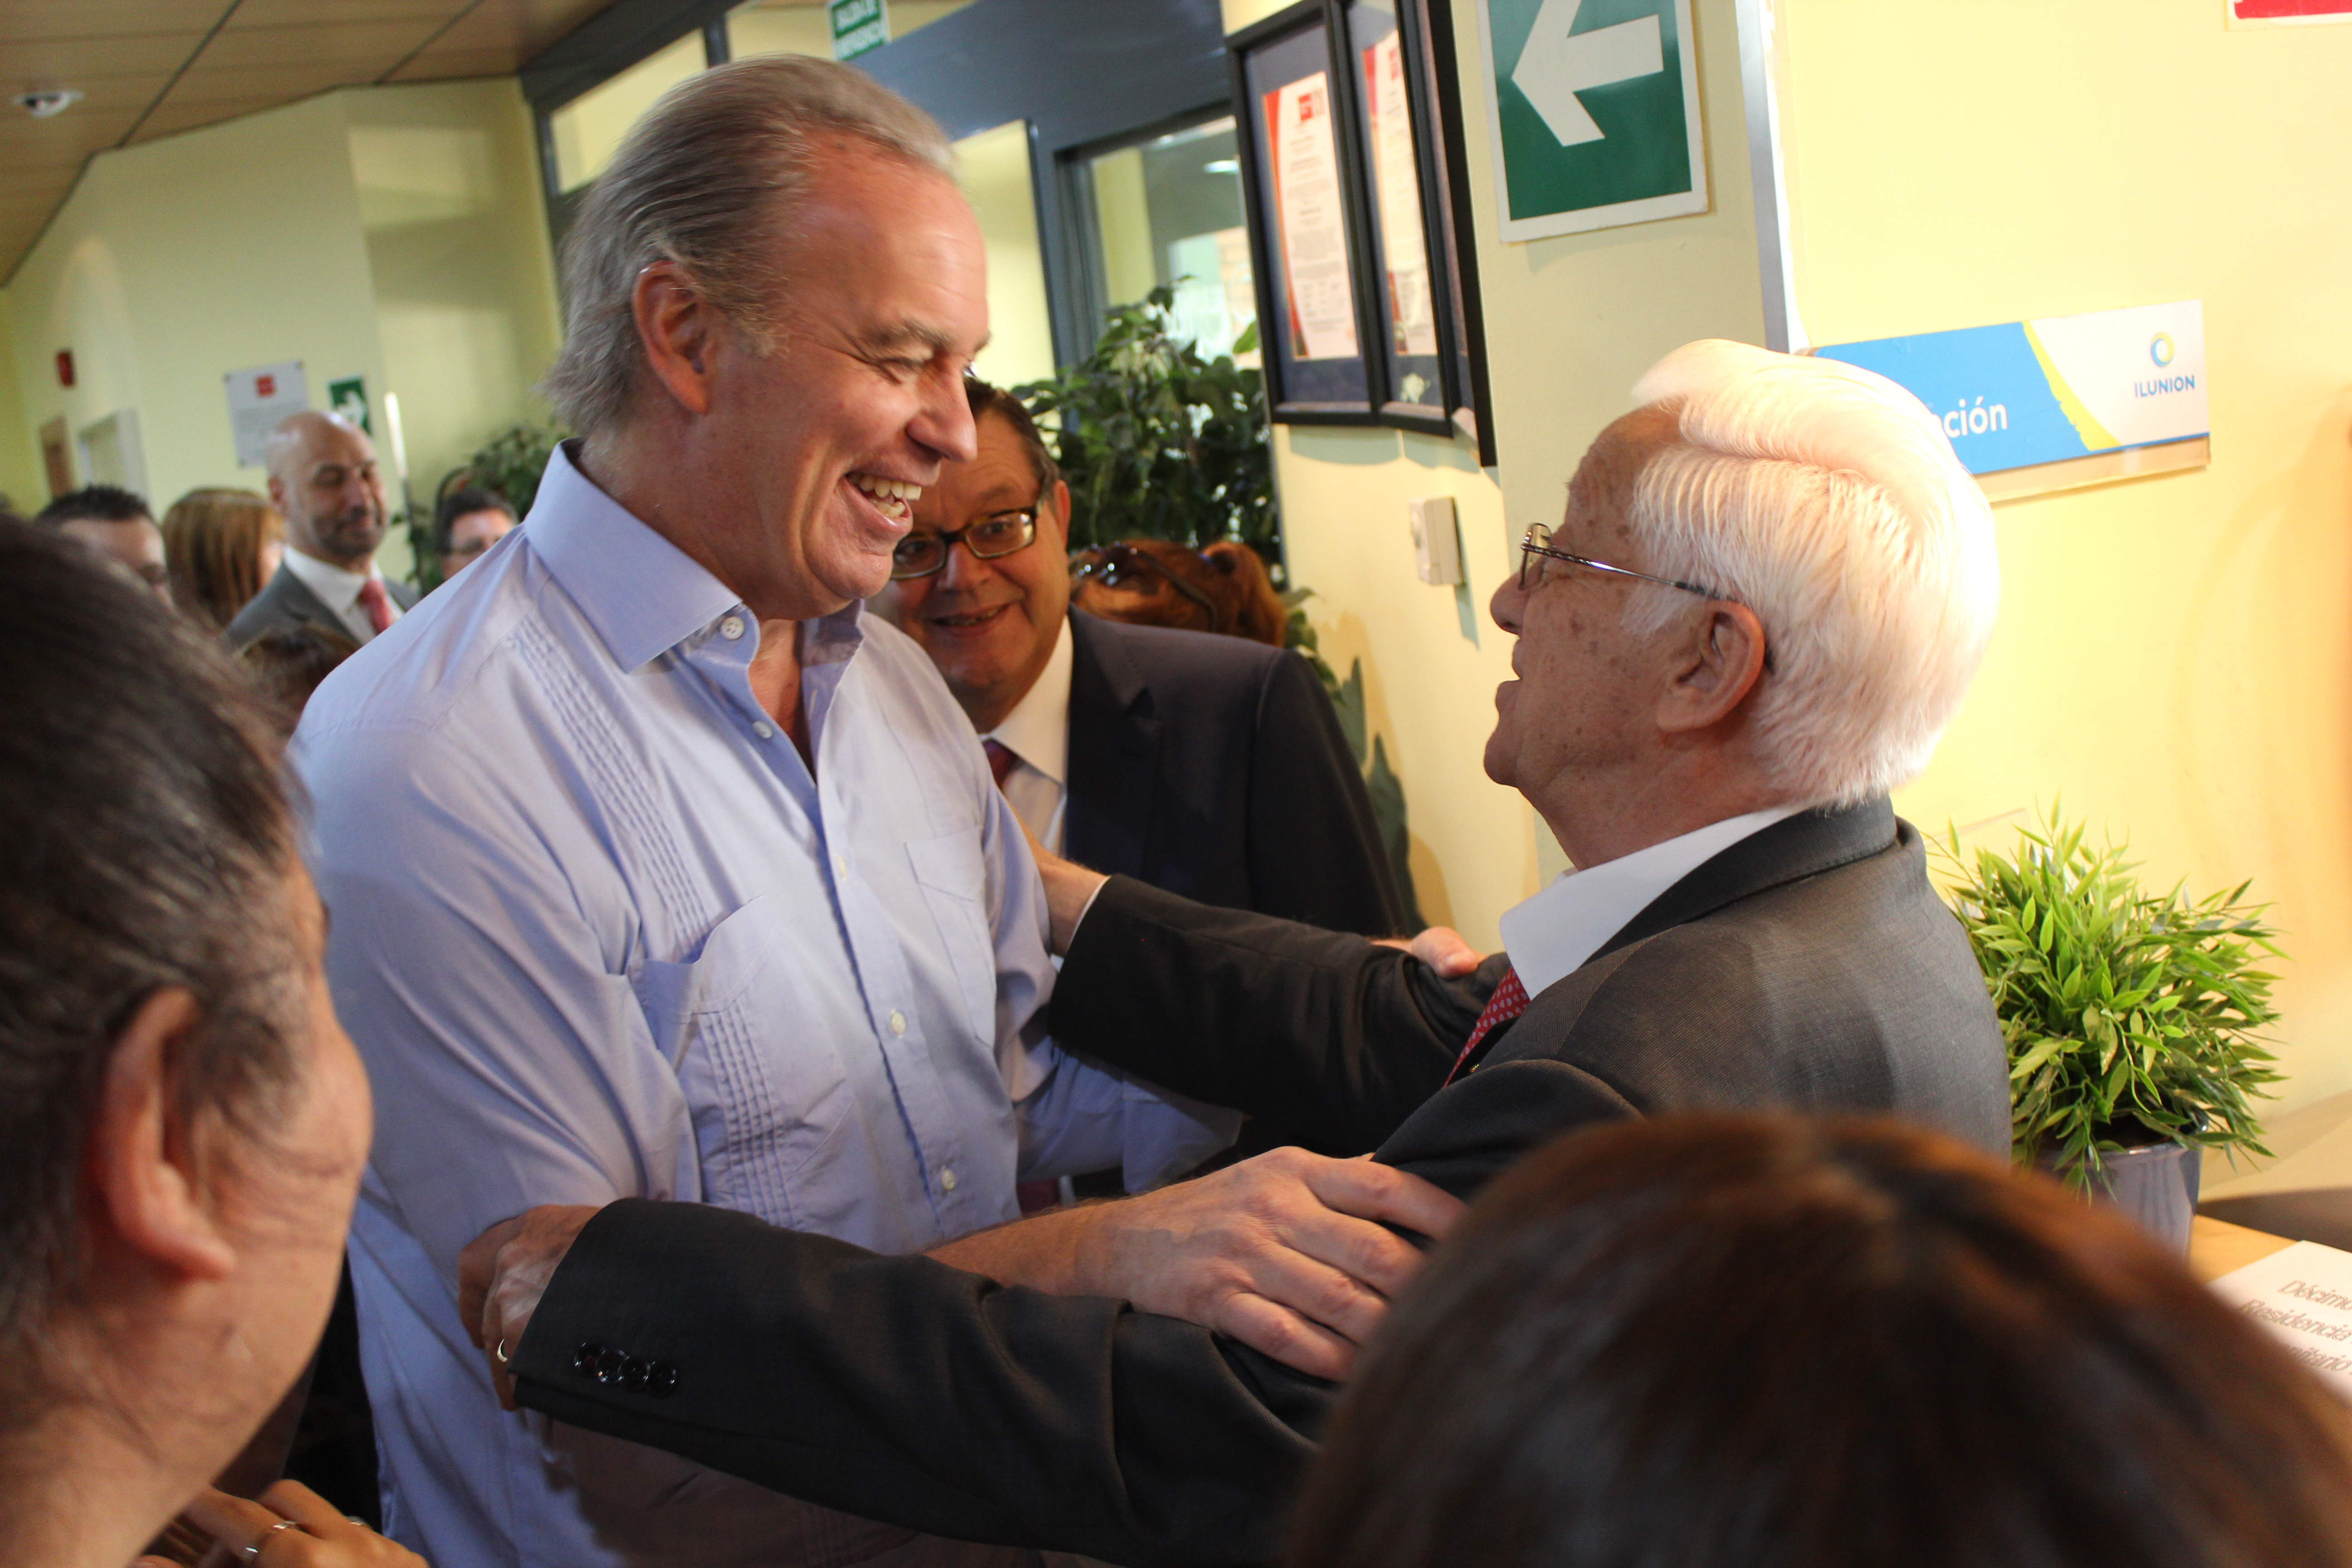 El presentador Bertín Osborne saluda al padre Ángel